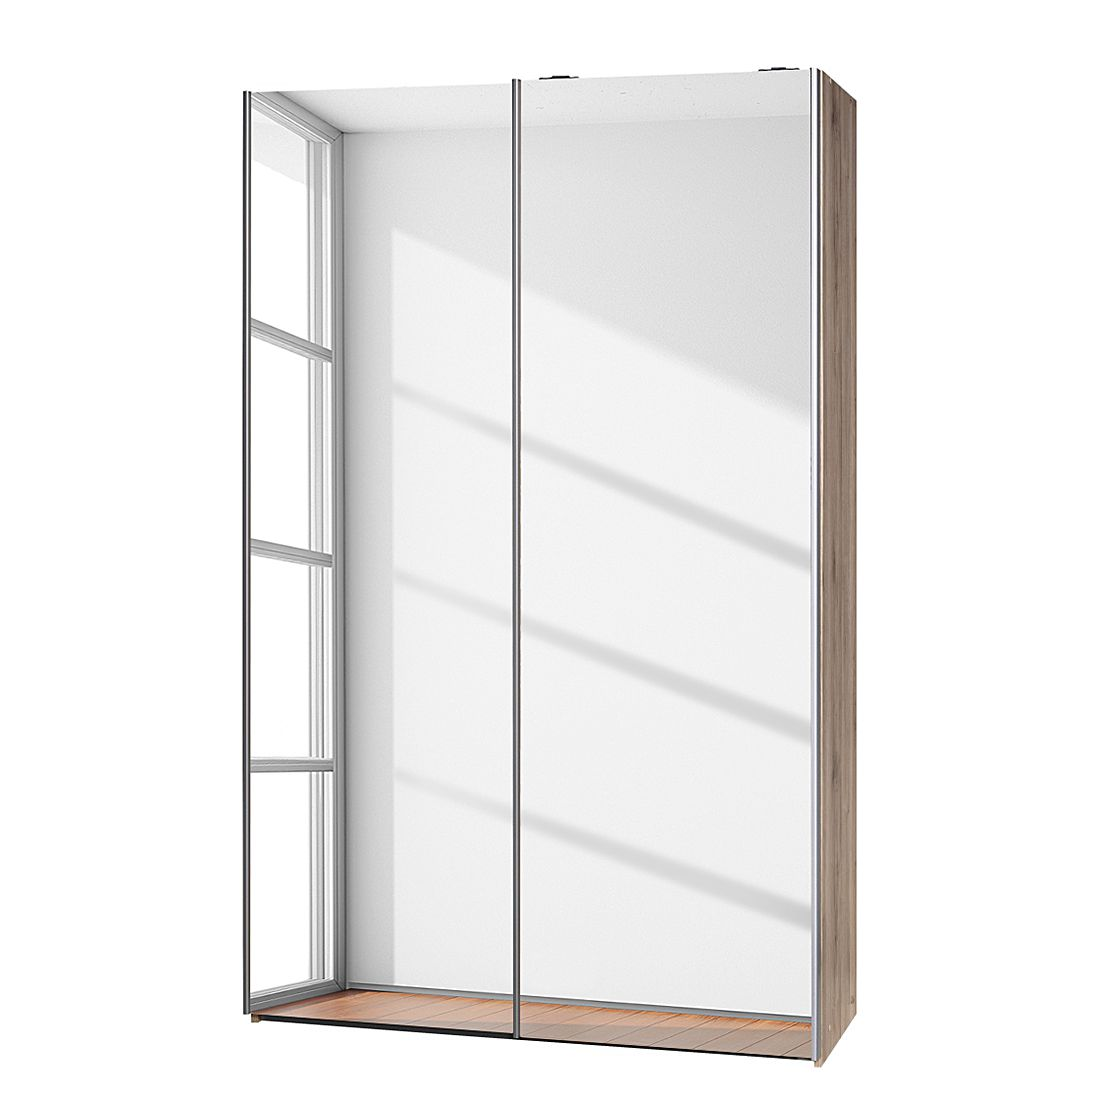 Schwebetürenschrank Soft Smart I – Eiche Sanremo Dekor/Spiegeltüren – Breite: 120 cm / Tiefe: 42 cm, CS Schmal günstig online kaufen